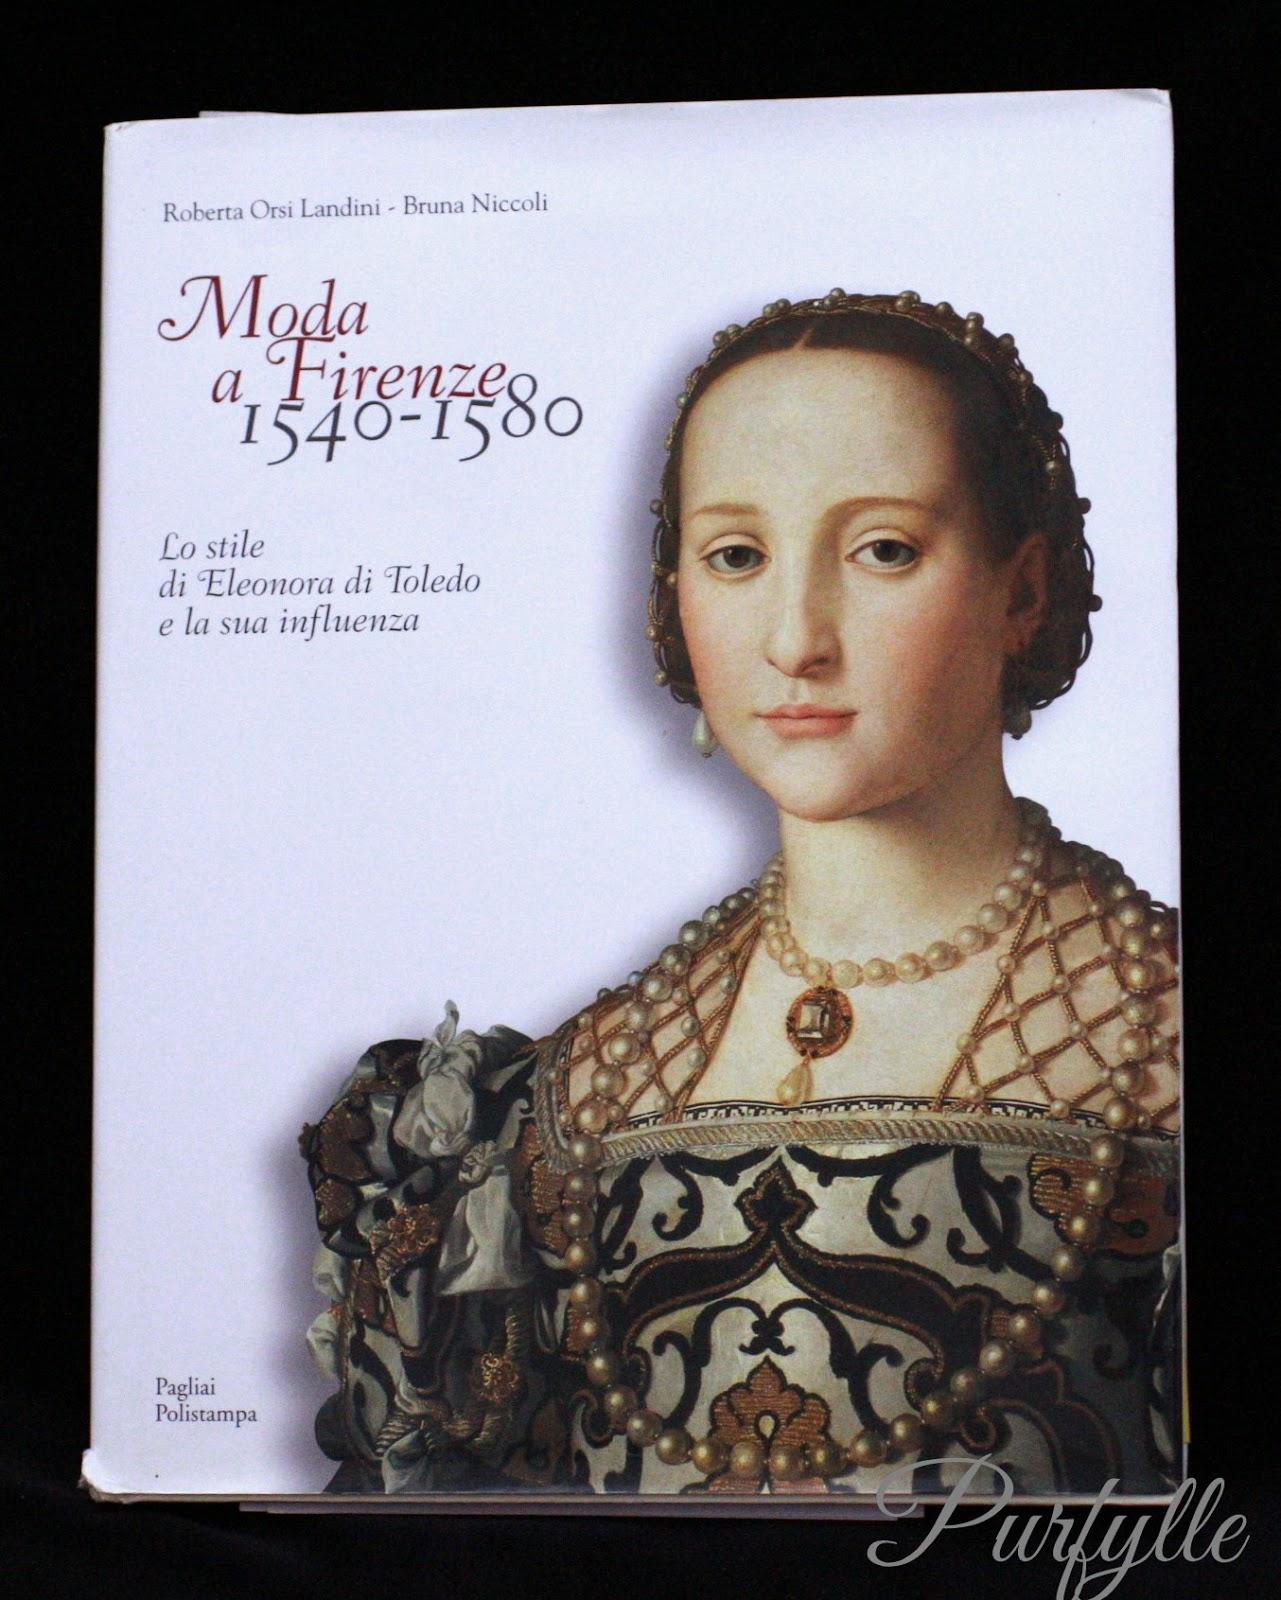 Moda a Firenze 1540-1580 Lo stile di Eleonora di Toledo florentine costume renaissance 16thC